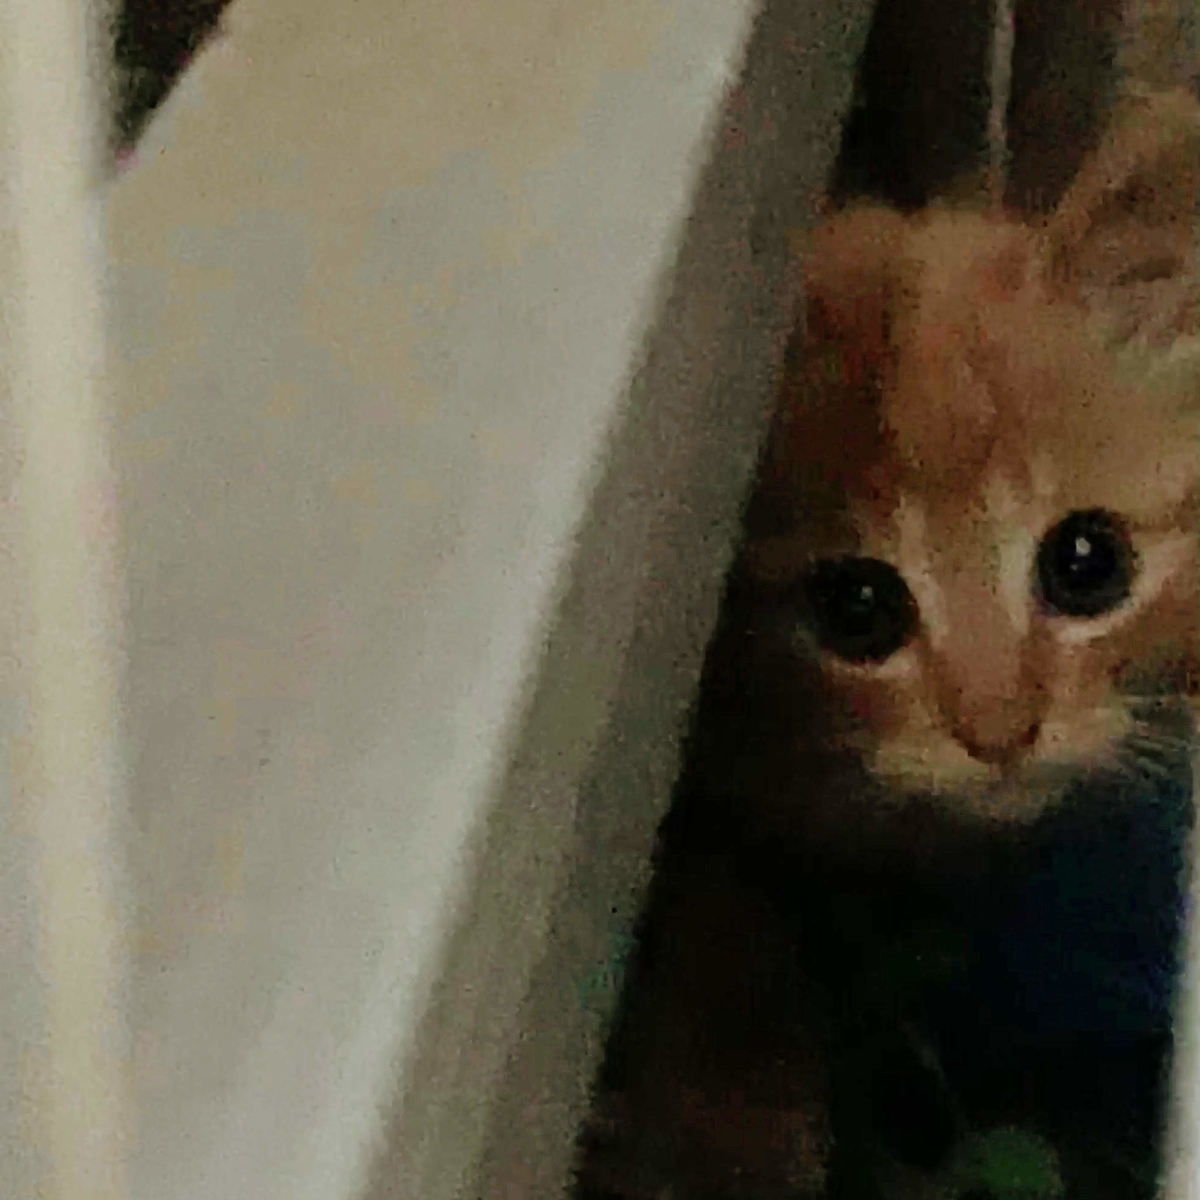 雨戸の陰からのぞく猫